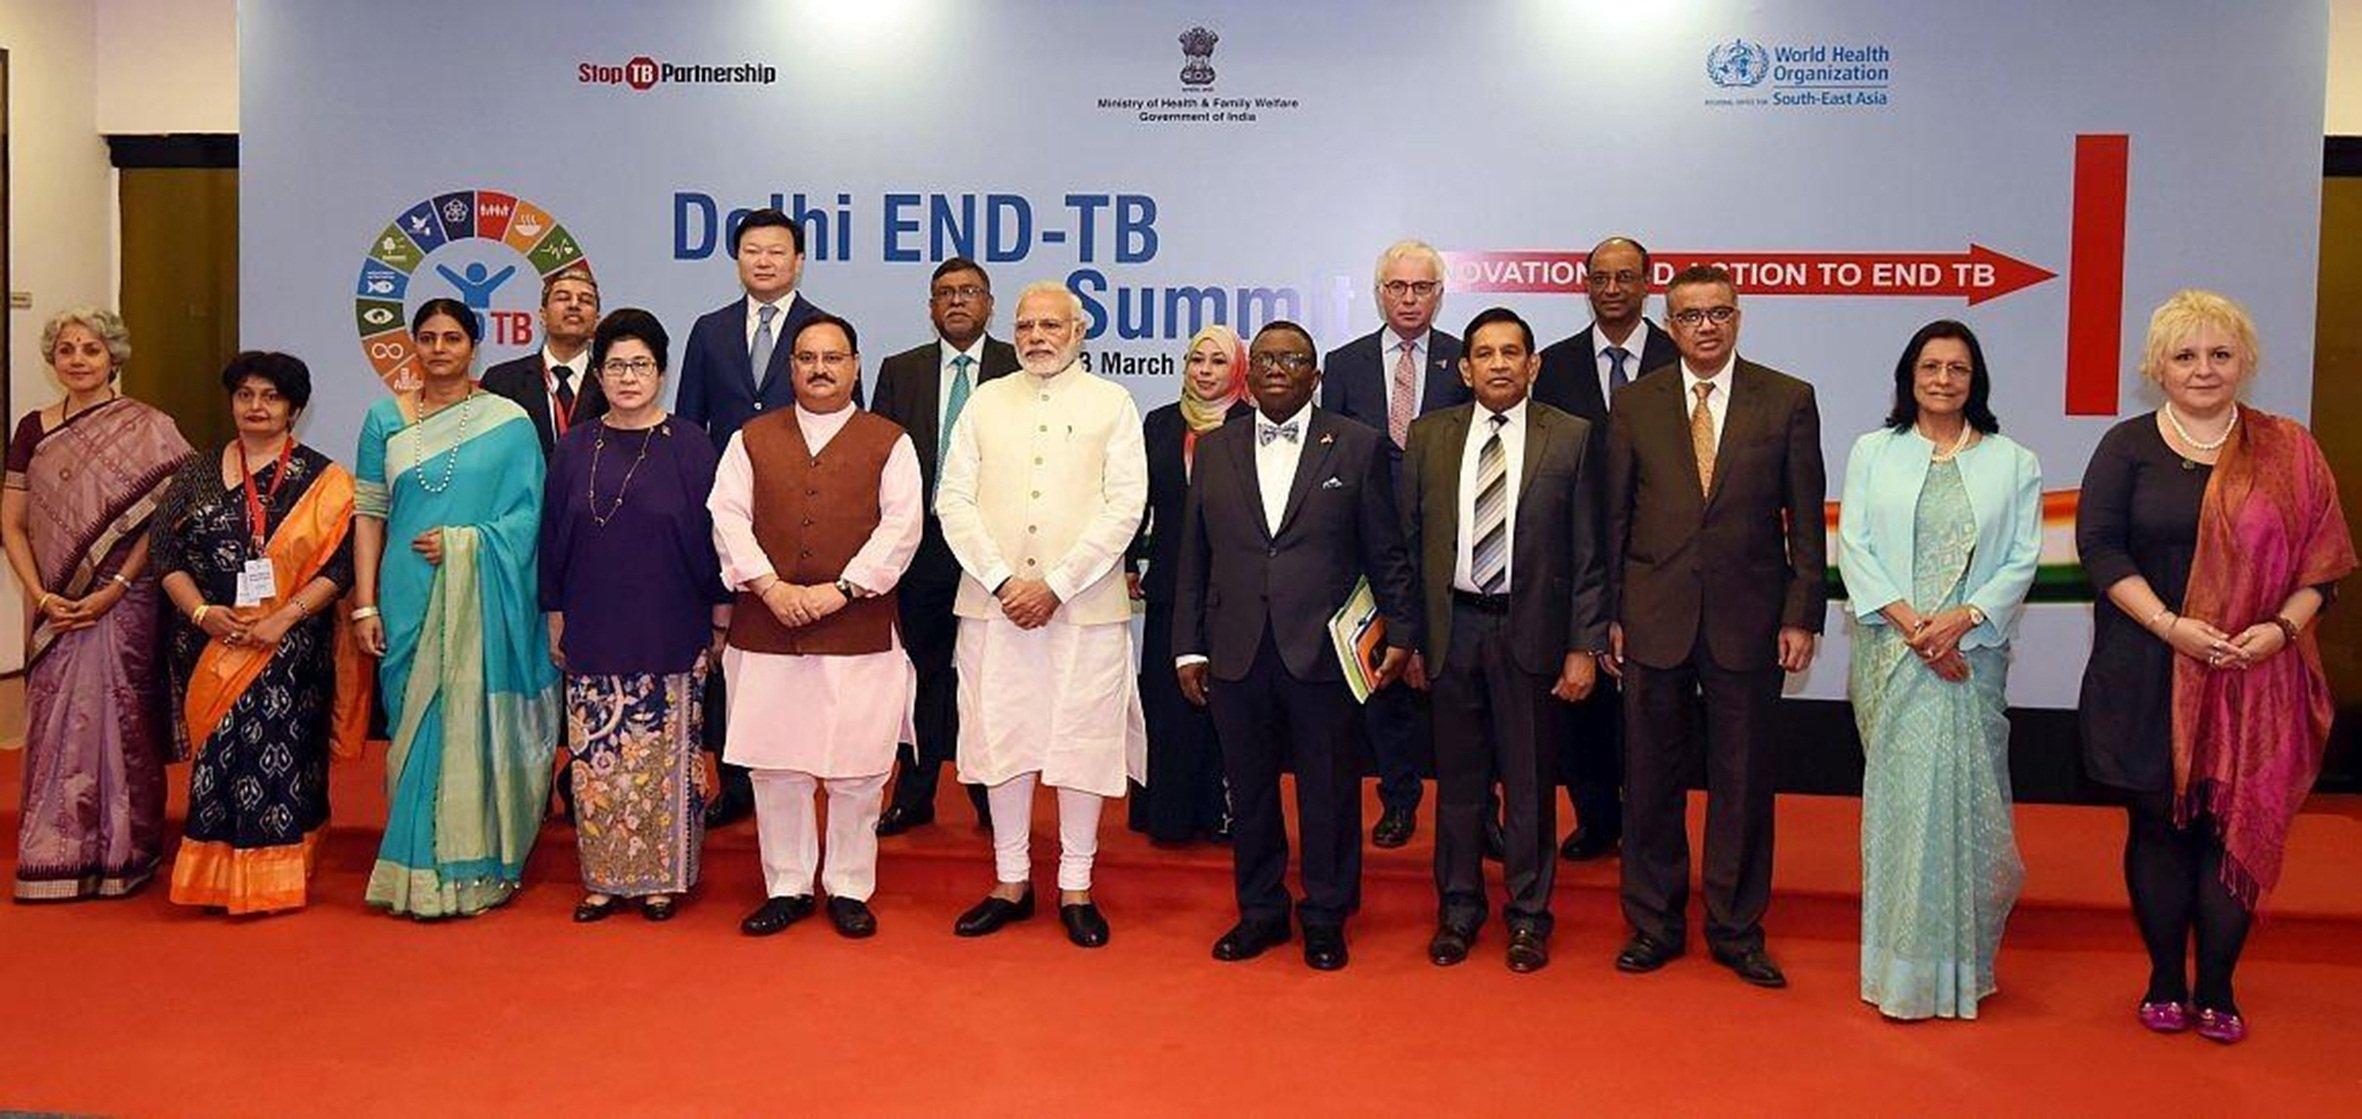 दुनियाभर में टीबी को जड़ से खत्म करने के लिए संयुक्त राष्ट्र में बनेगी नीति, पर अमल है जरूरी